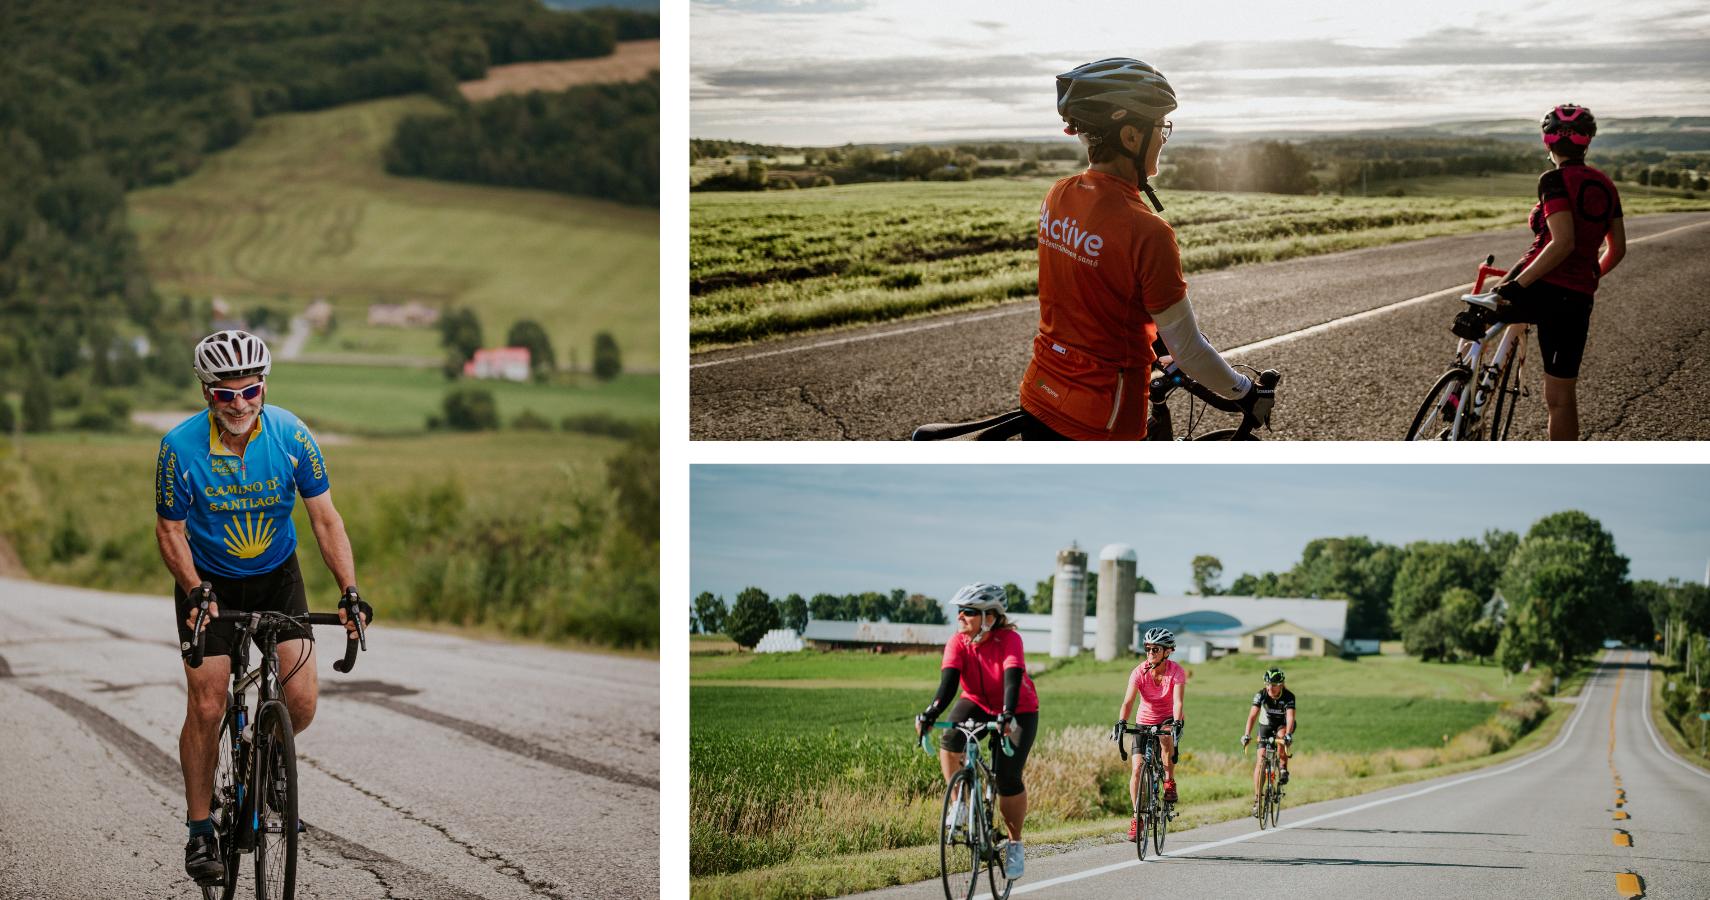 La Route des Silos offre un itinéraire vélo exposant les plus beaux paysages champêtres - Crédits photos: Les Maximes